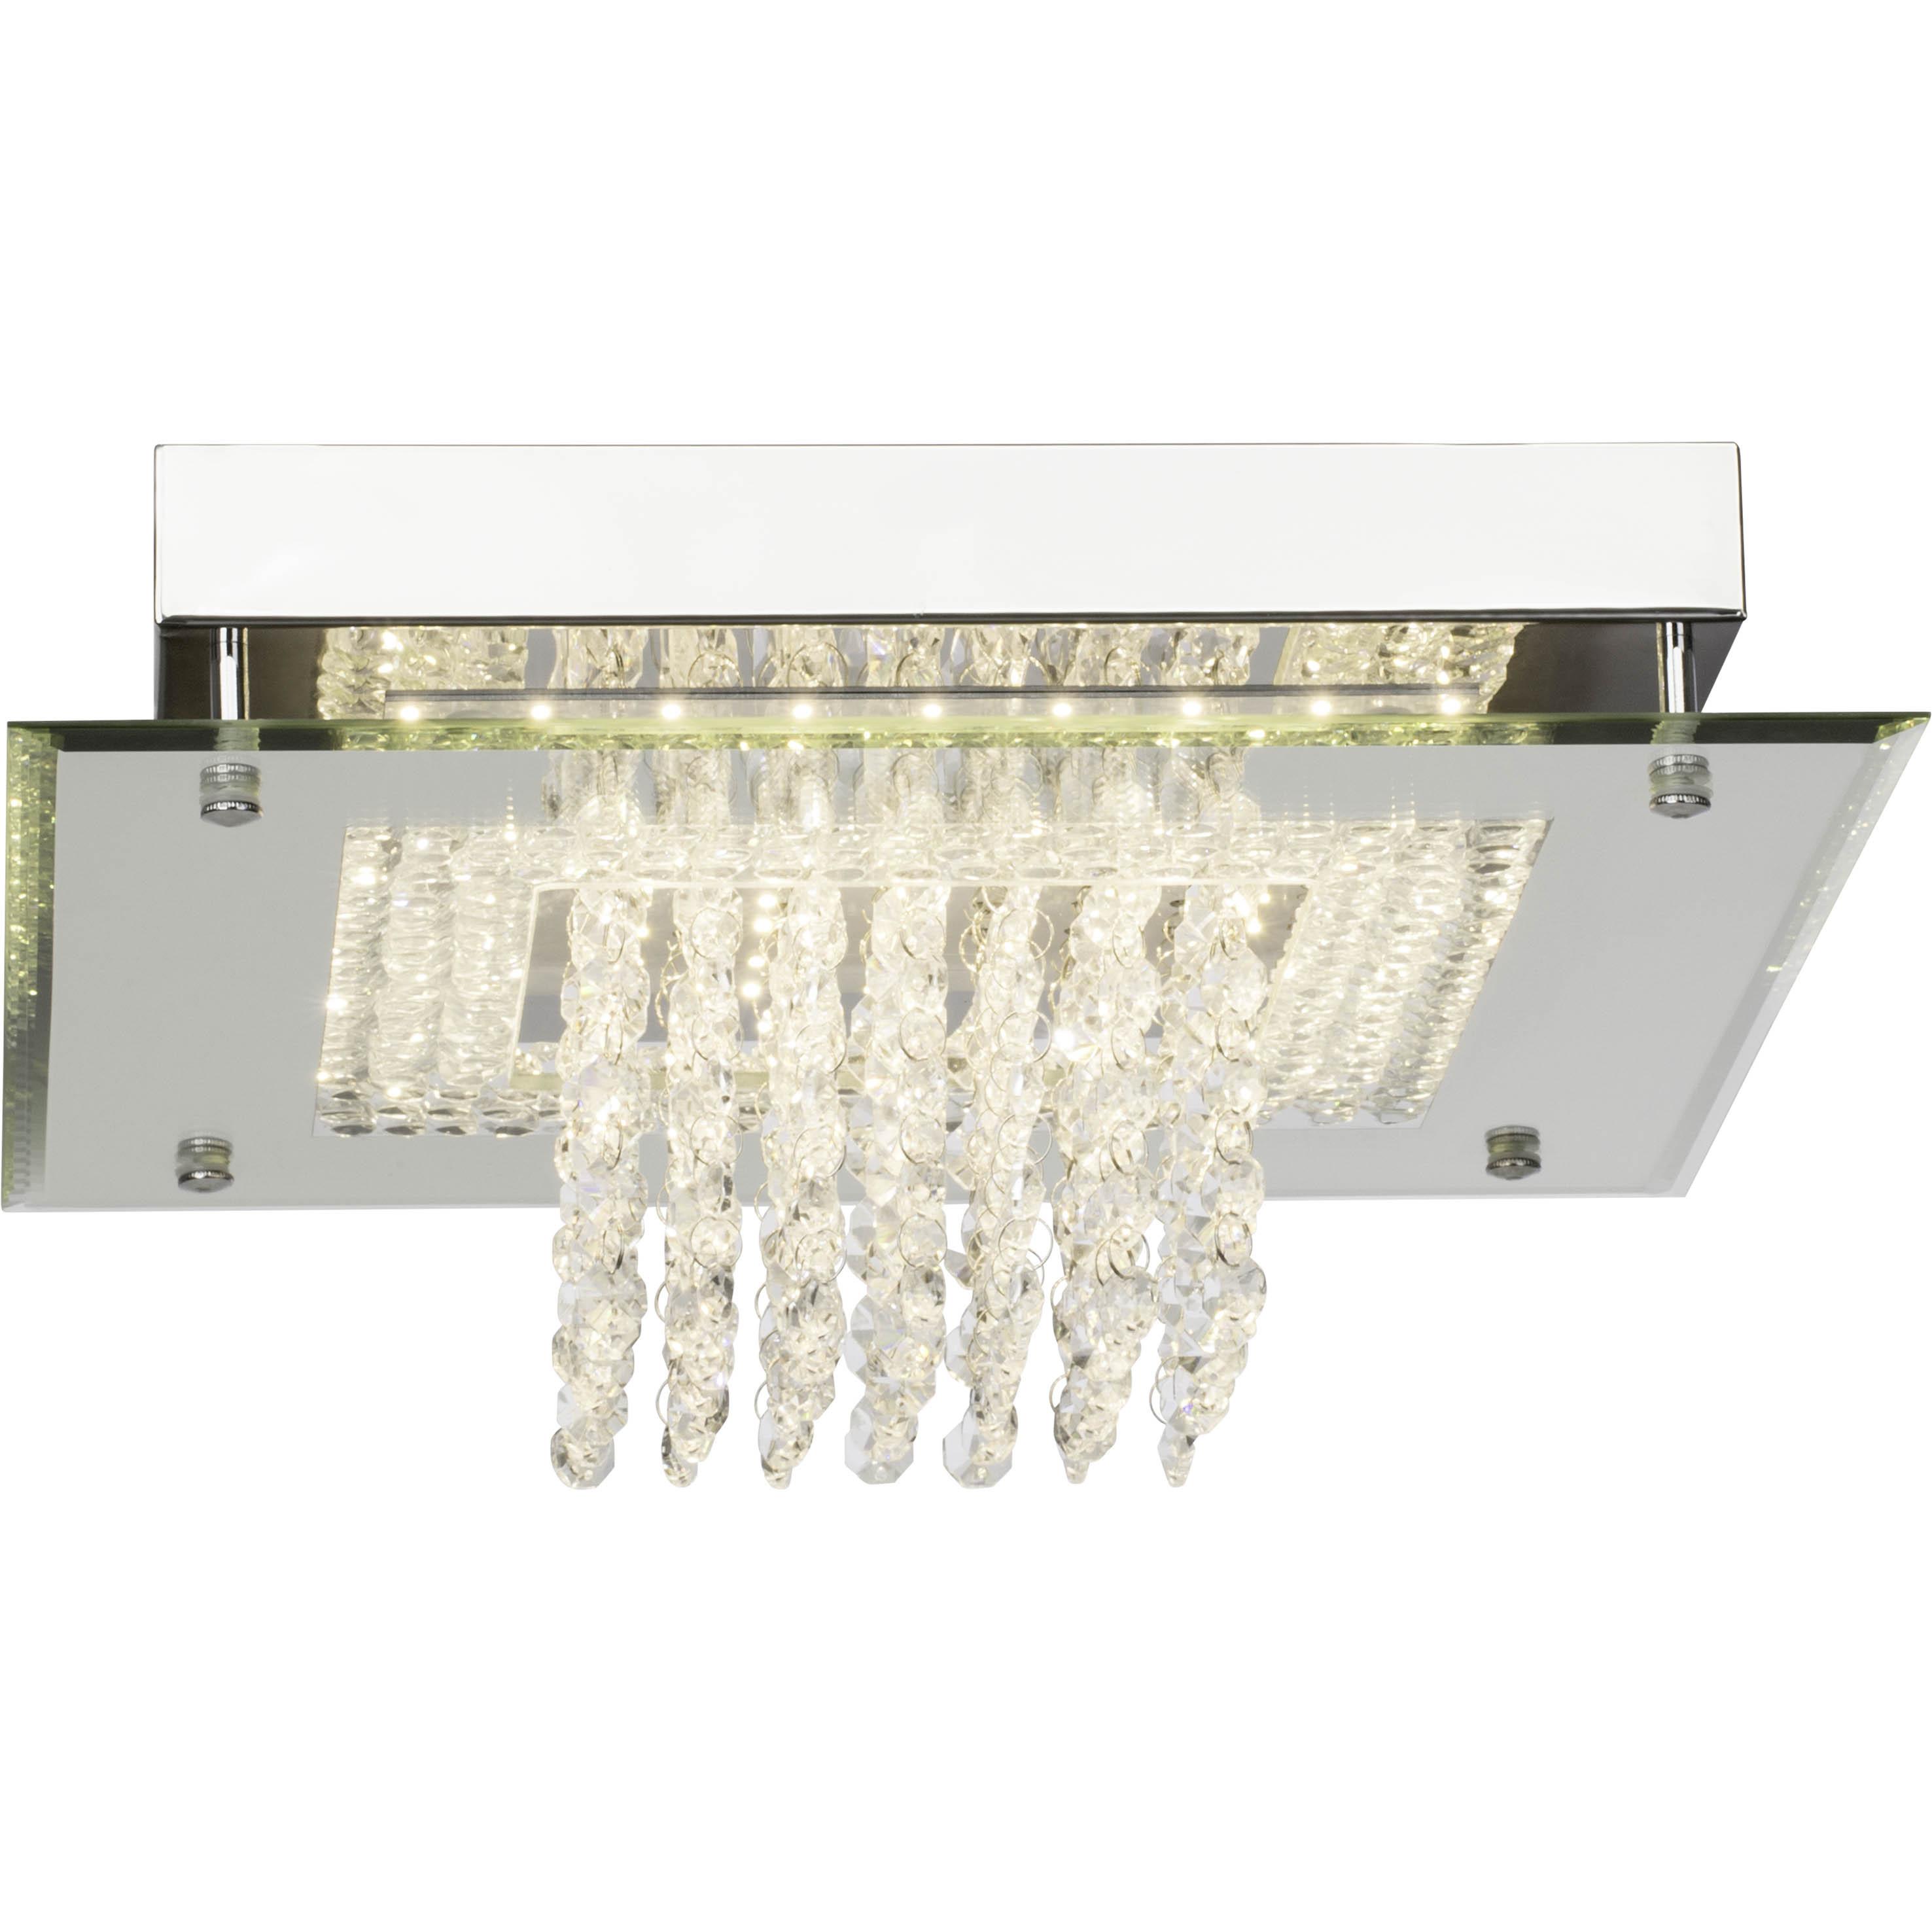 Brilliant Leuchten Glitter LED Deckenleuchte 36x36cm chrom easyDim